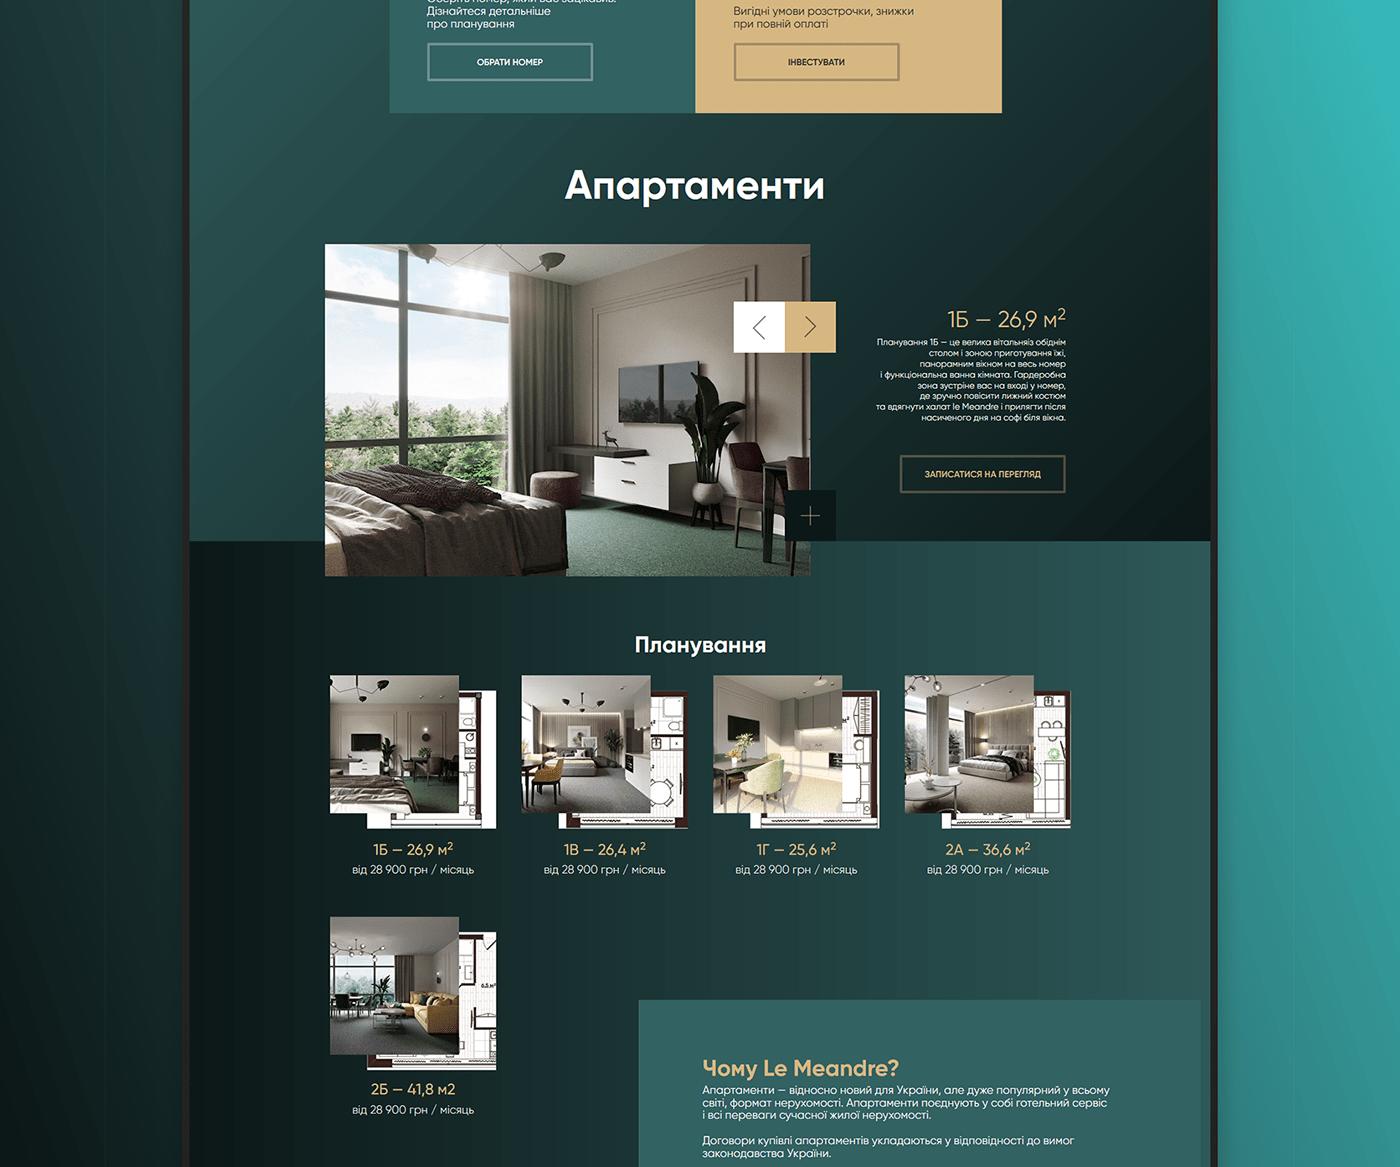 apart hotel design hotel landing page real estate tilda ui ux Website